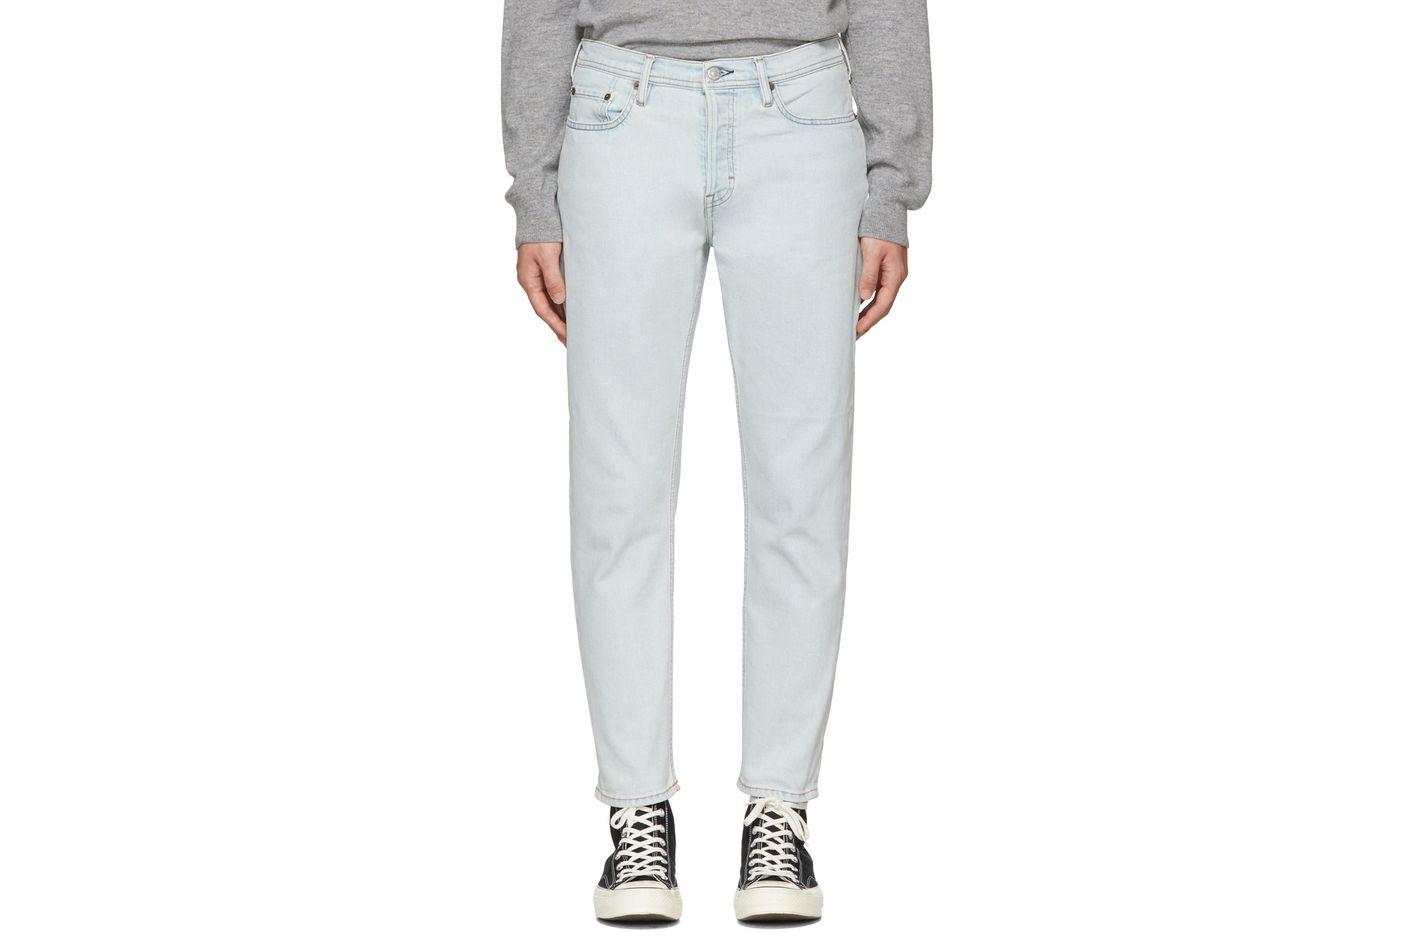 Acne Studios Light-Blue River Jeans